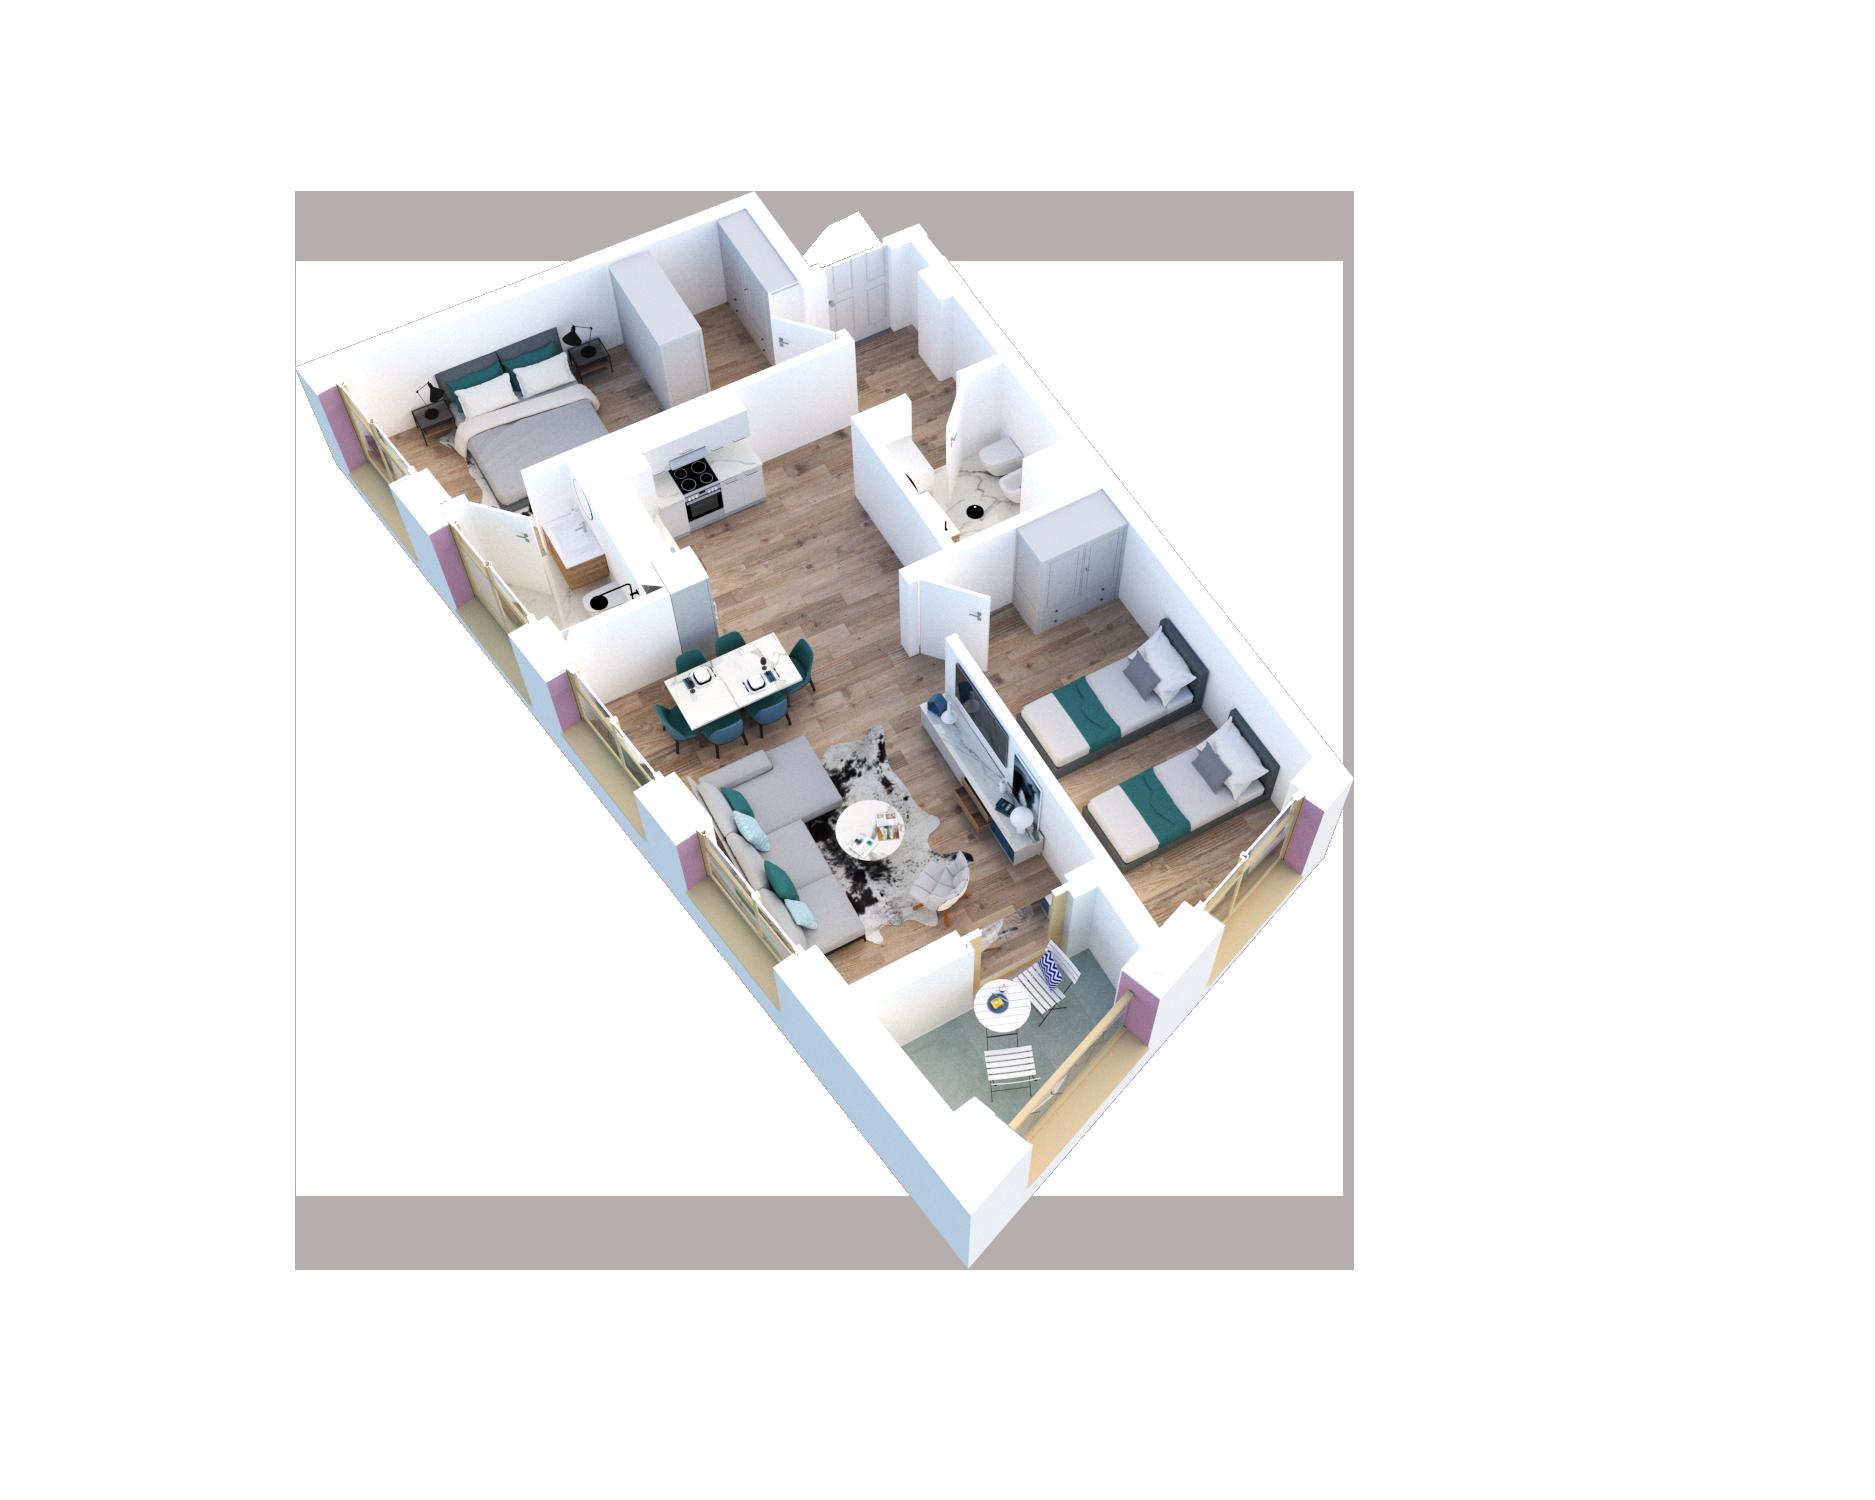 Apartament 2+1 në shitje në Tiranë - Mangalem 21 Shkalla 28 Kati 4